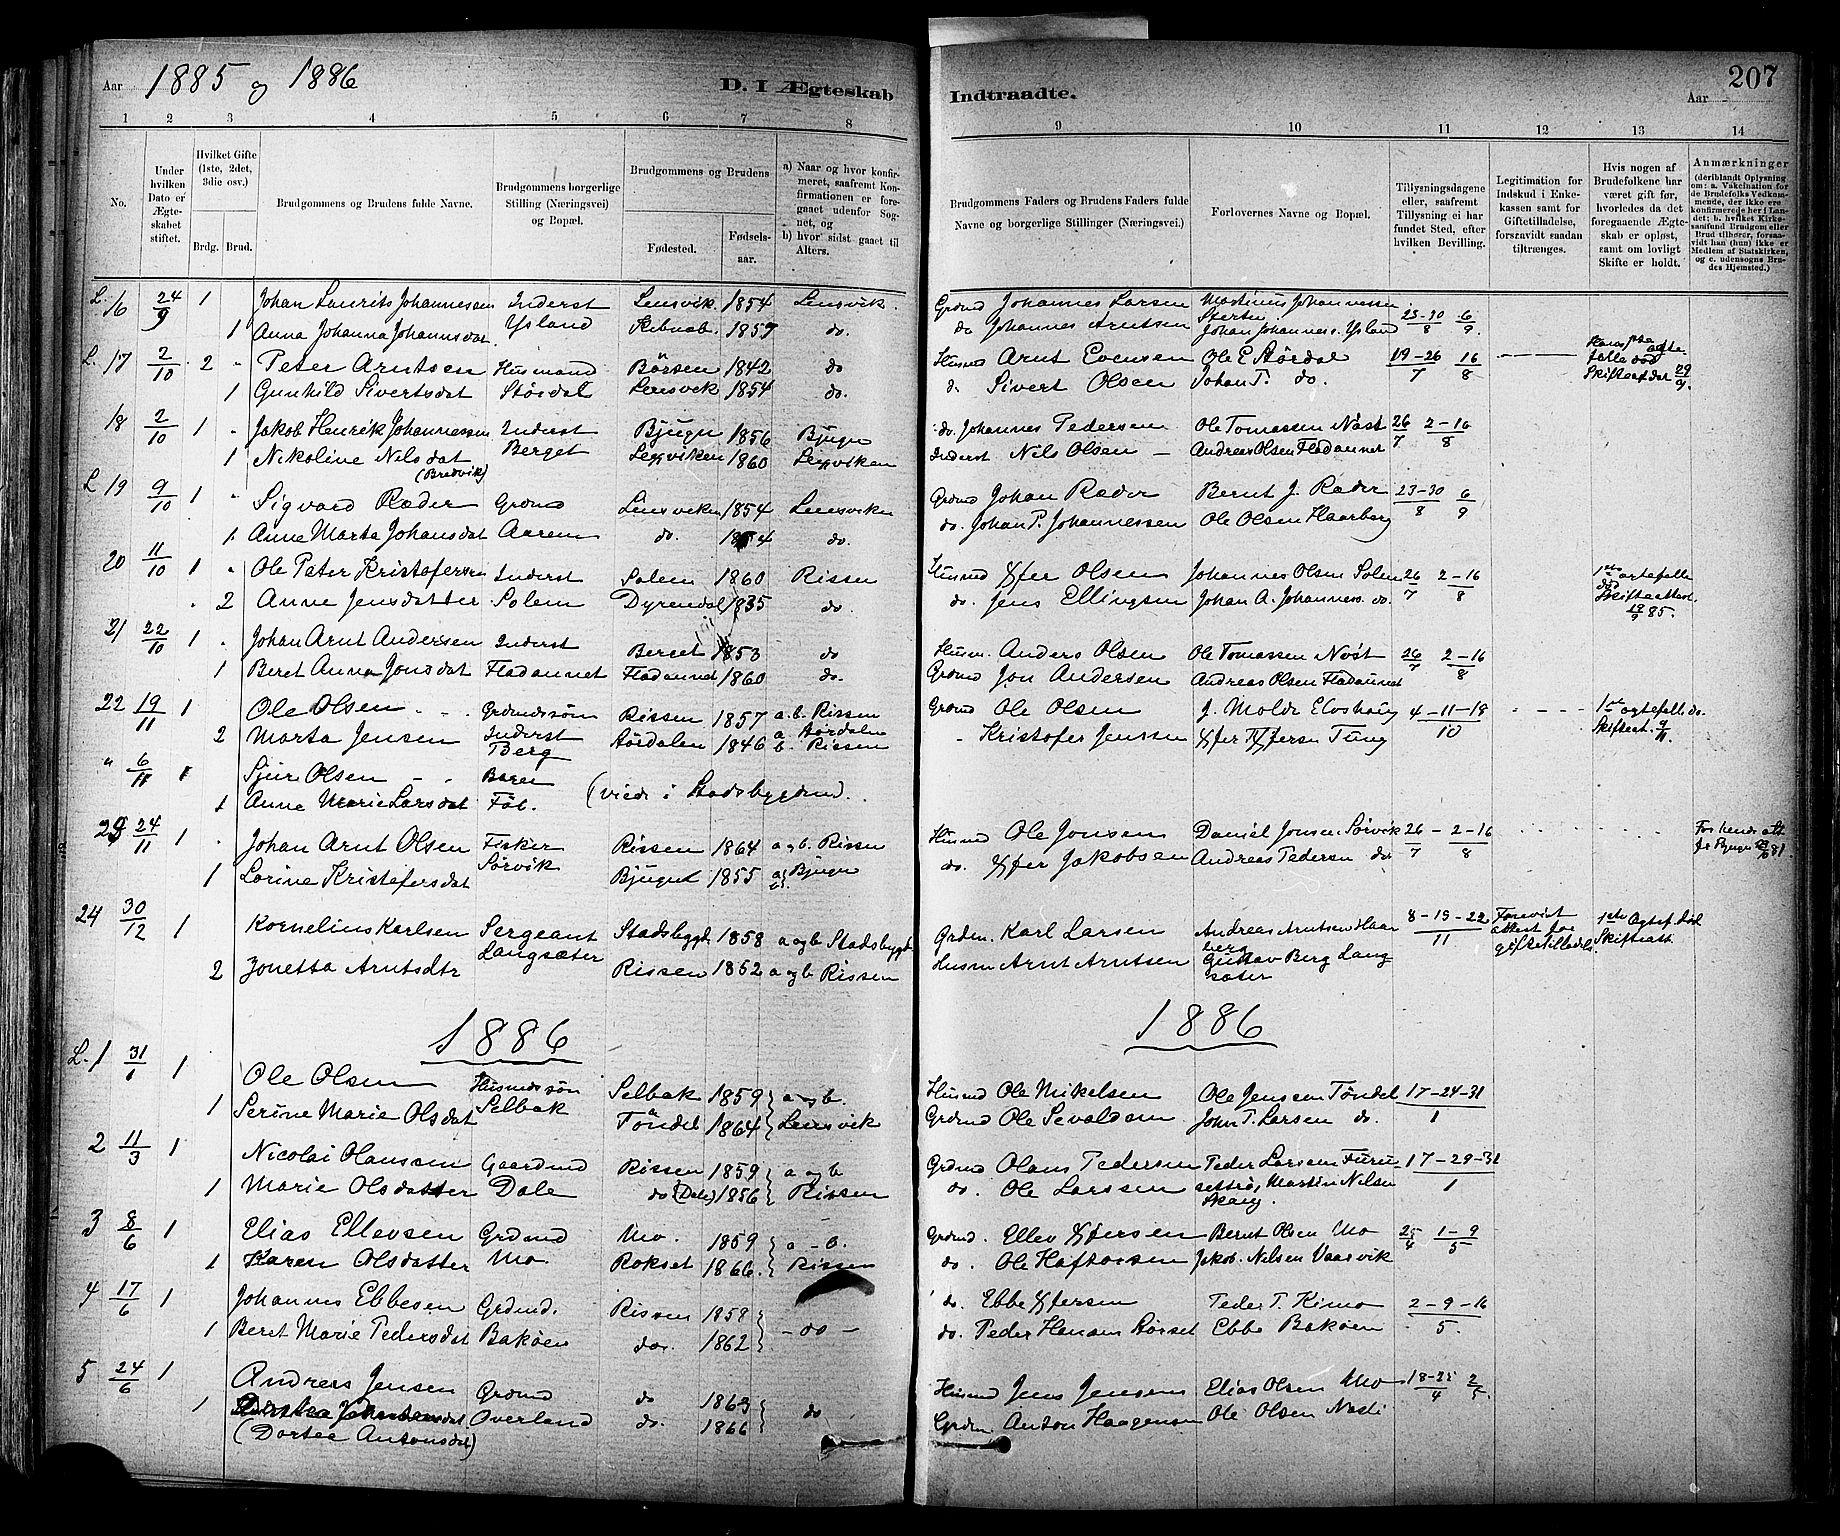 SAT, Ministerialprotokoller, klokkerbøker og fødselsregistre - Sør-Trøndelag, 647/L0634: Ministerialbok nr. 647A01, 1885-1896, s. 207